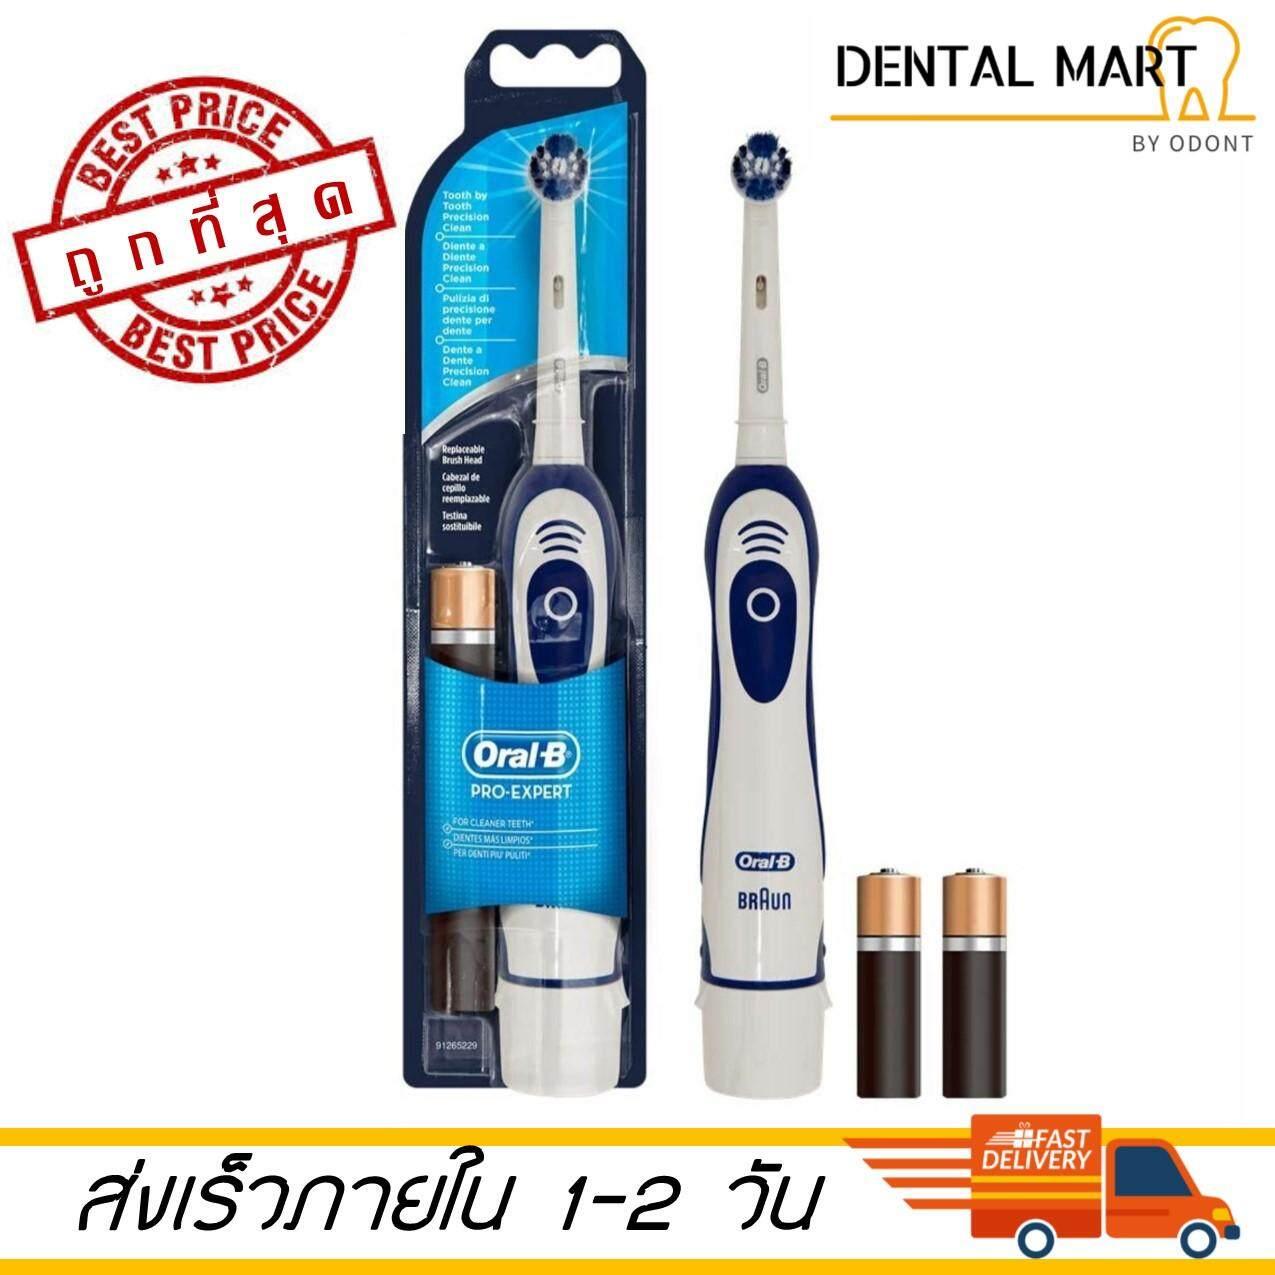 แปรงสีฟันไฟฟ้า รอยยิ้มขาวสดใสใน 1 สัปดาห์ กรุงเทพมหานคร Oral B แปรงสีฟันไฟฟ้า ออรัล บี Advance power 400